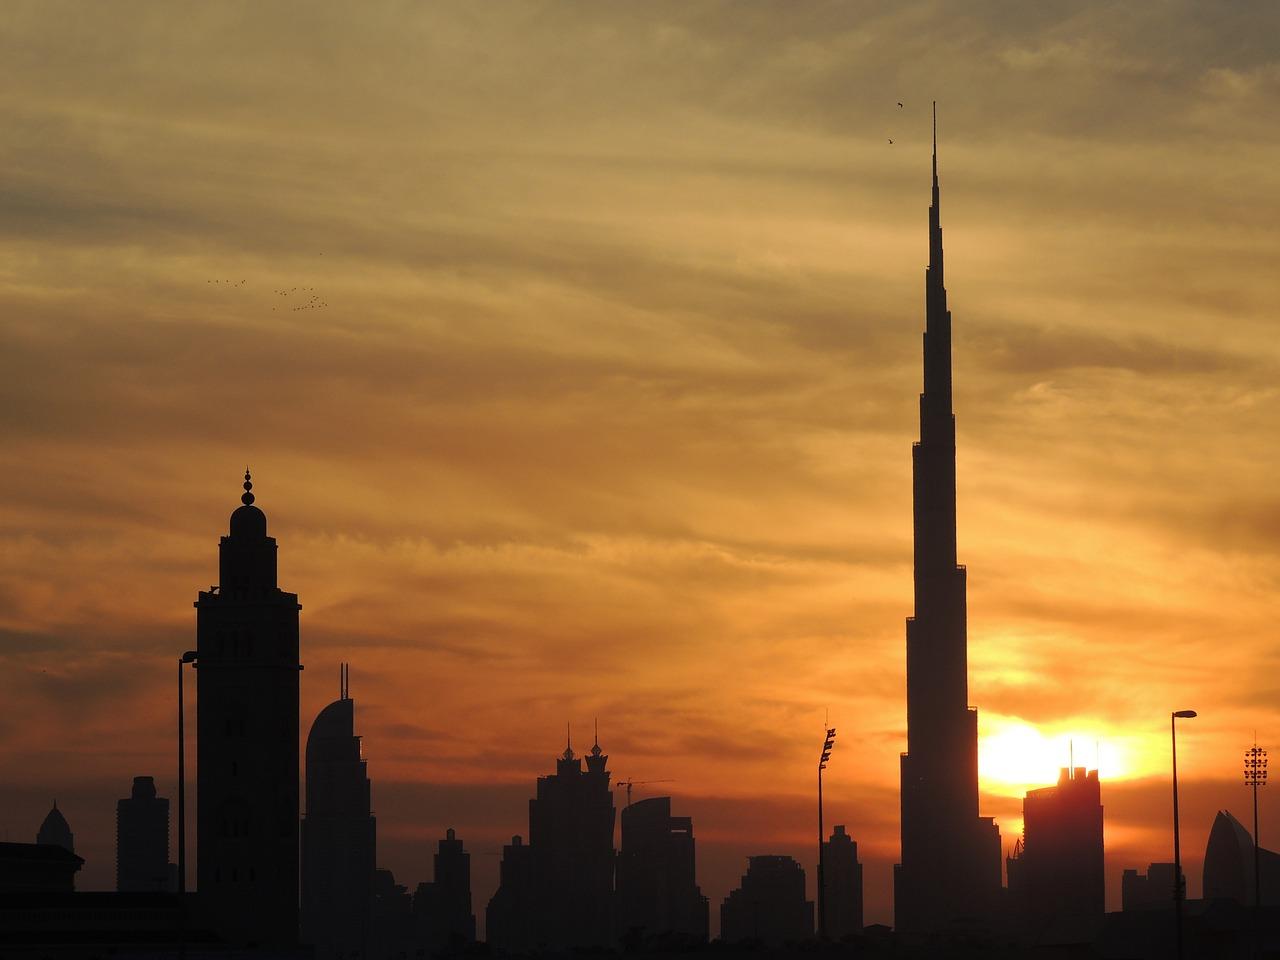 burj-khalifa-779040_1280